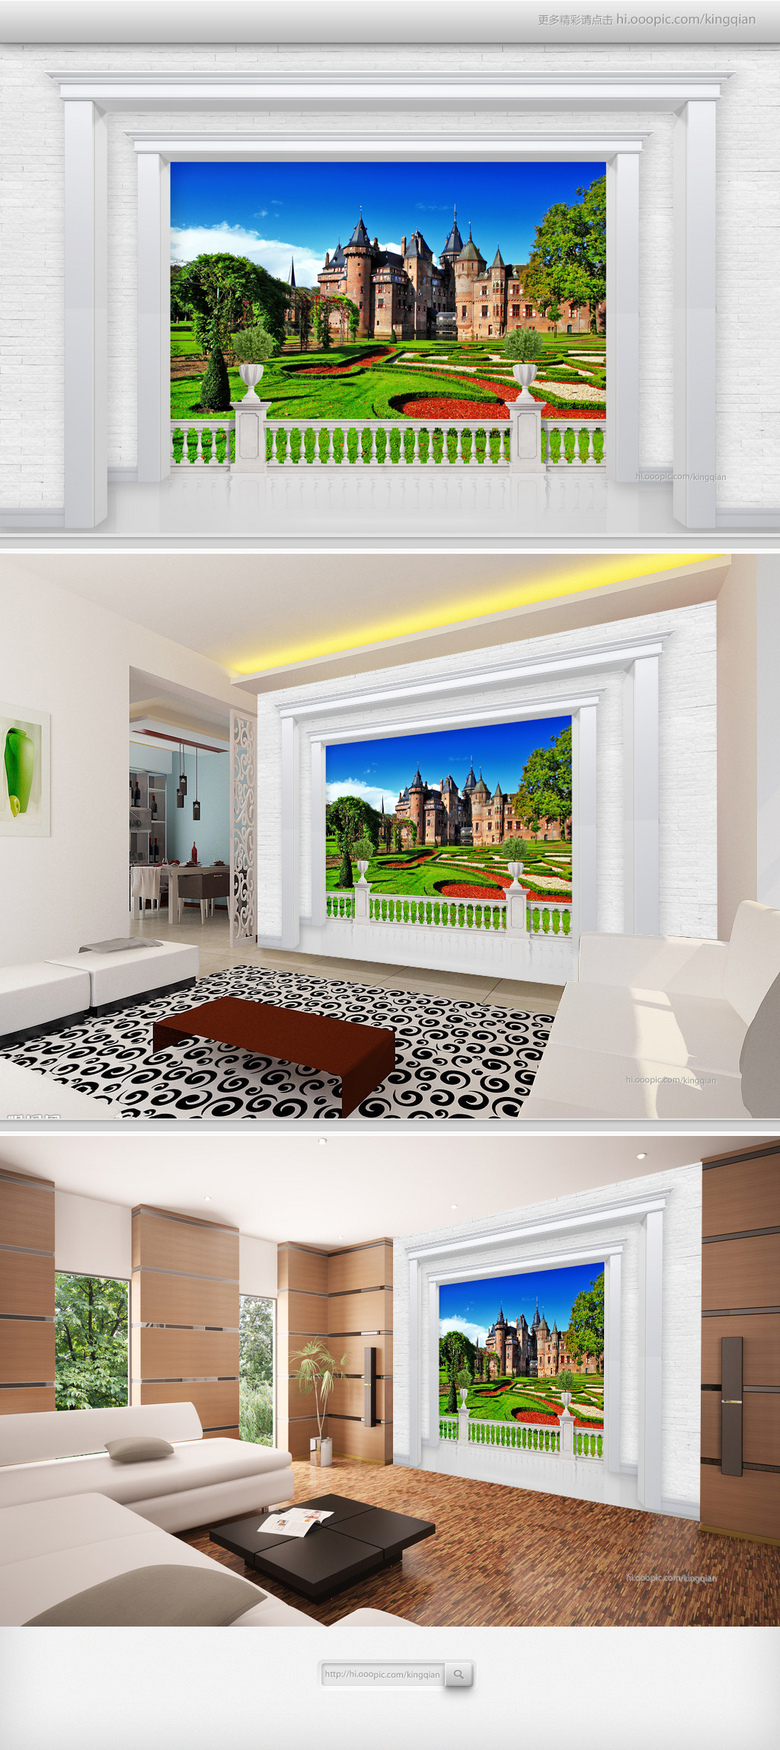 欧式阳台古堡庄园风景3D电视背景墙